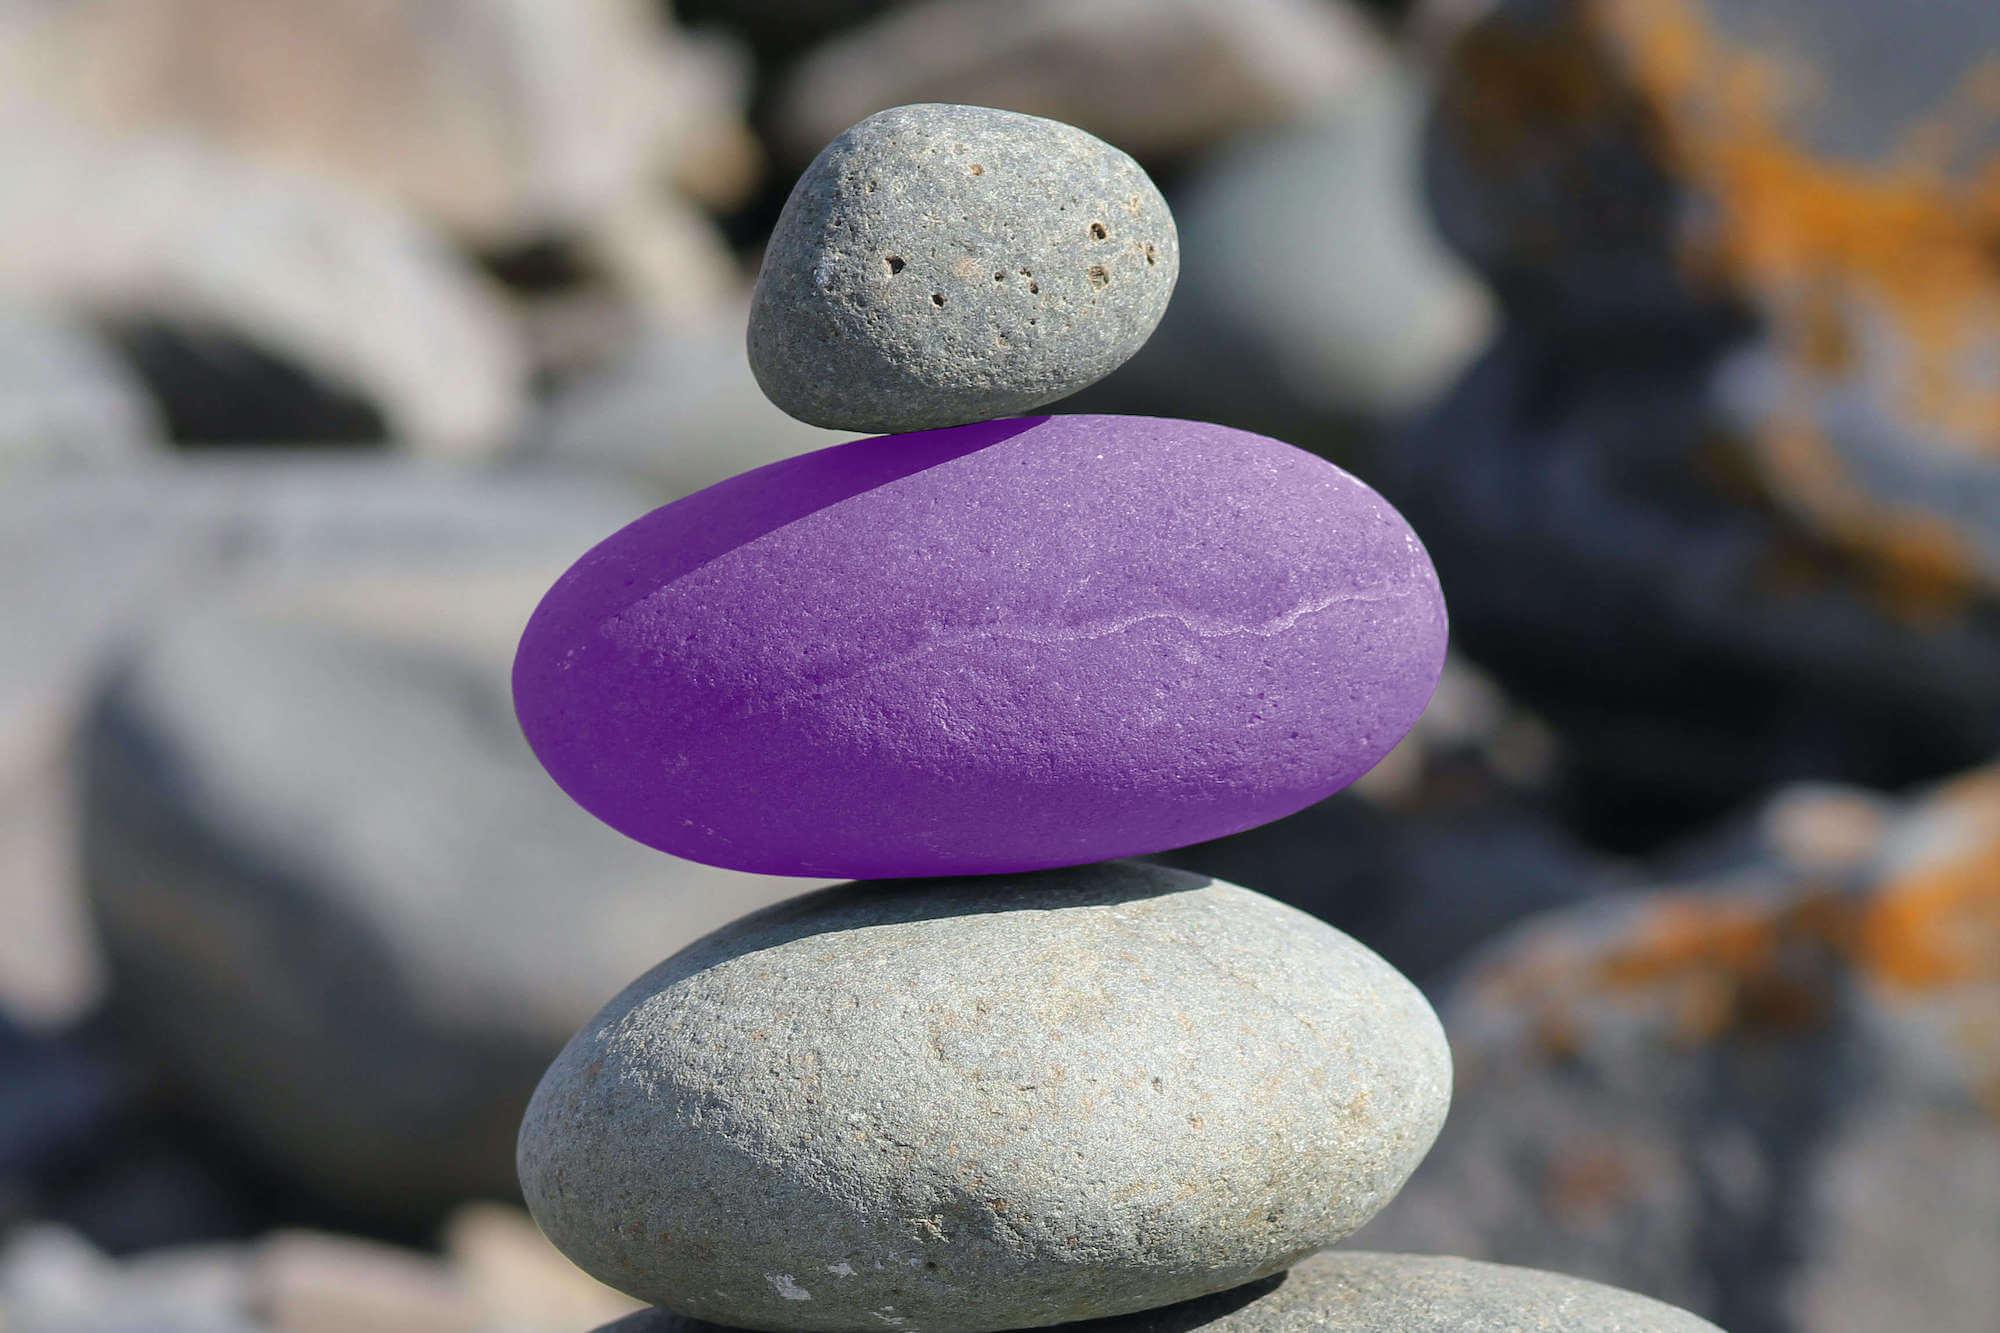 Stones - one purple